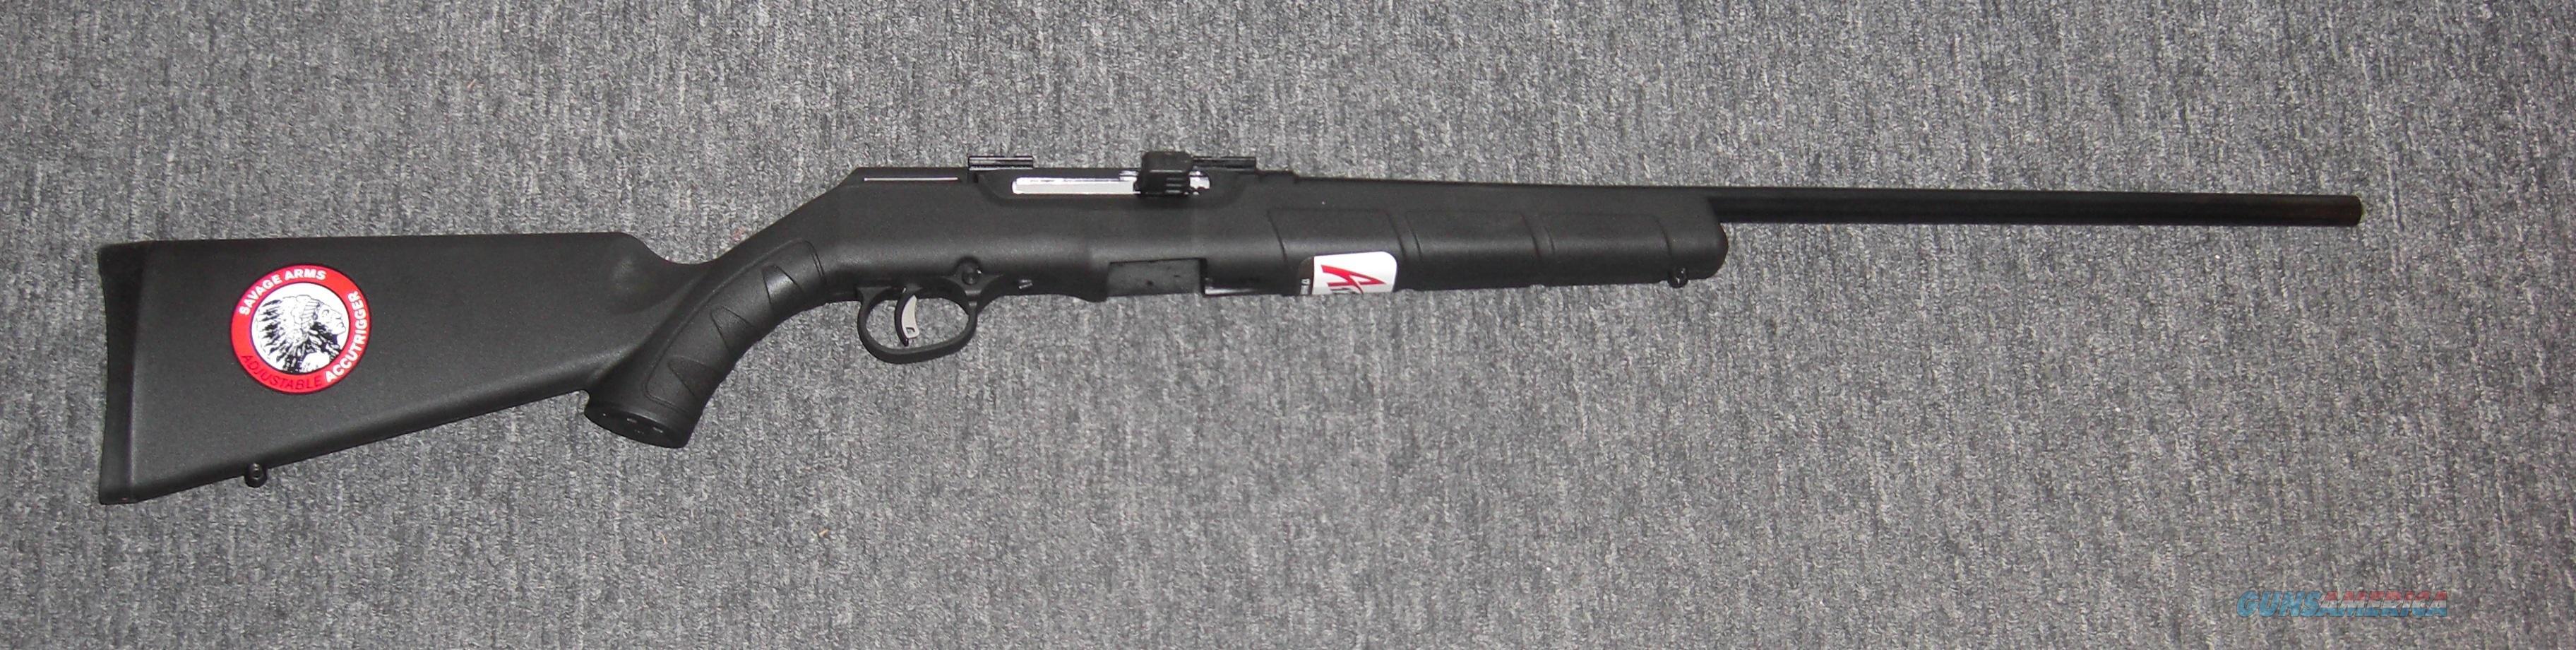 A17 semi auto 17 hmr new from savage guns gt rifles gt savage rifles